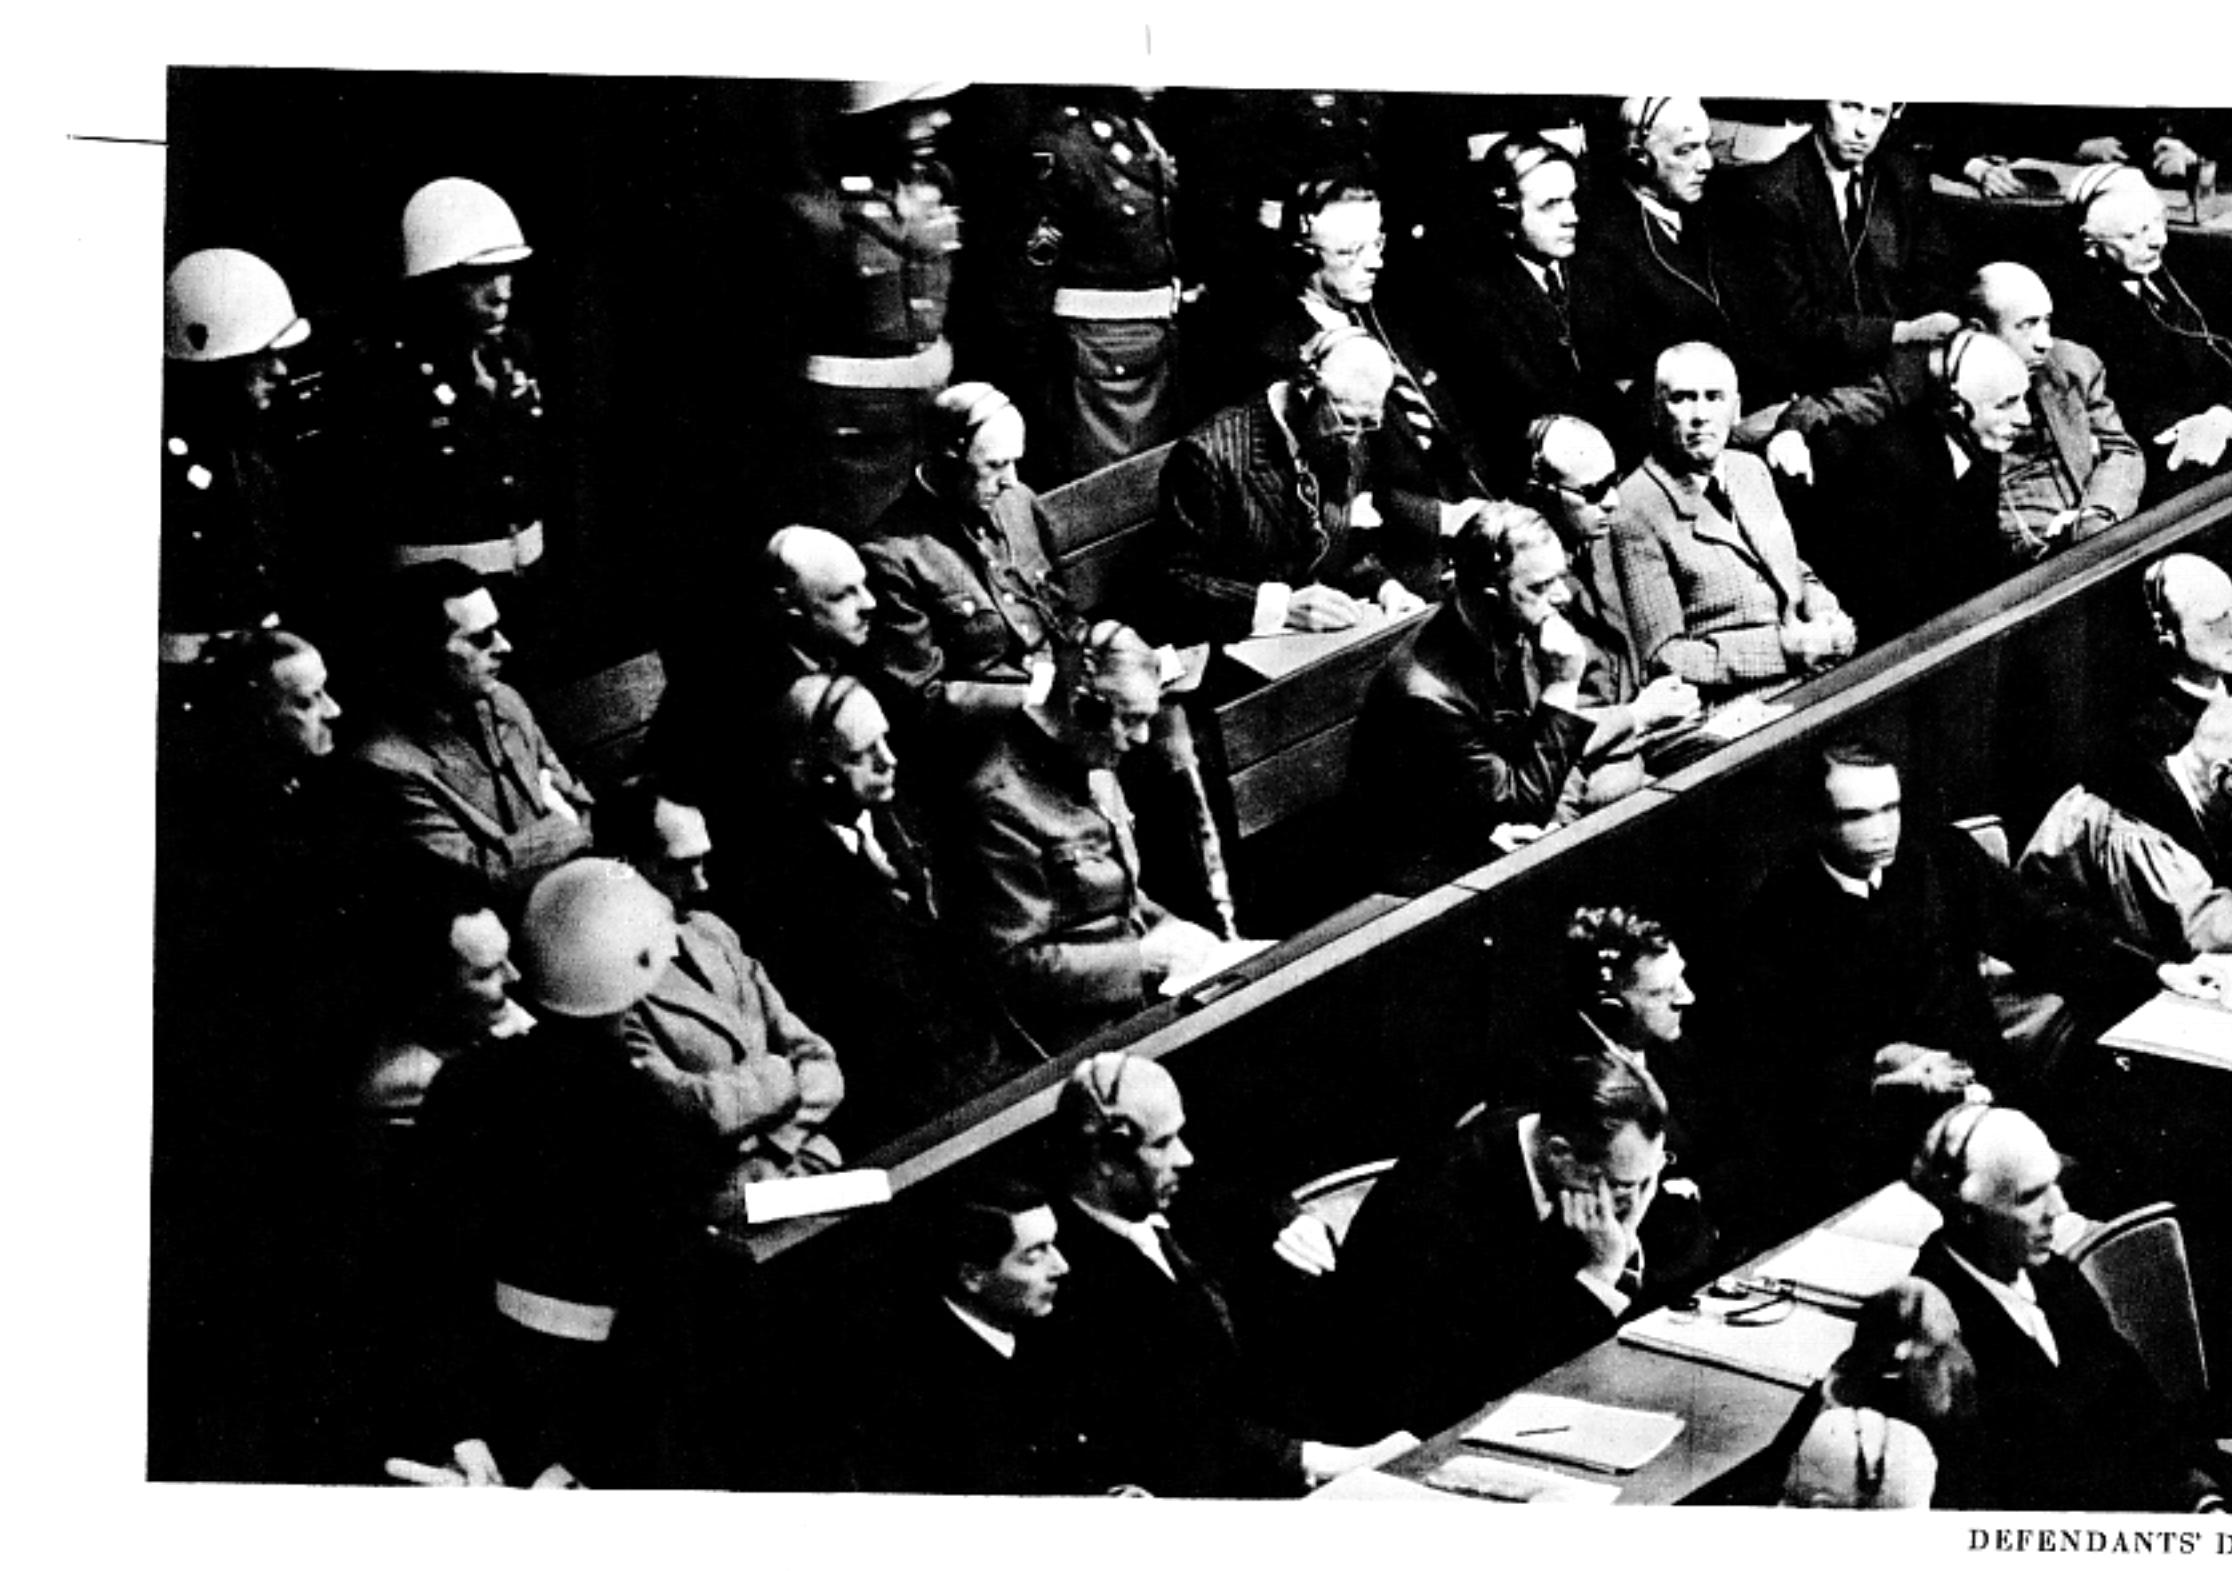 Erinnerung und Faktencheck: Die Nürnberger Prozesse